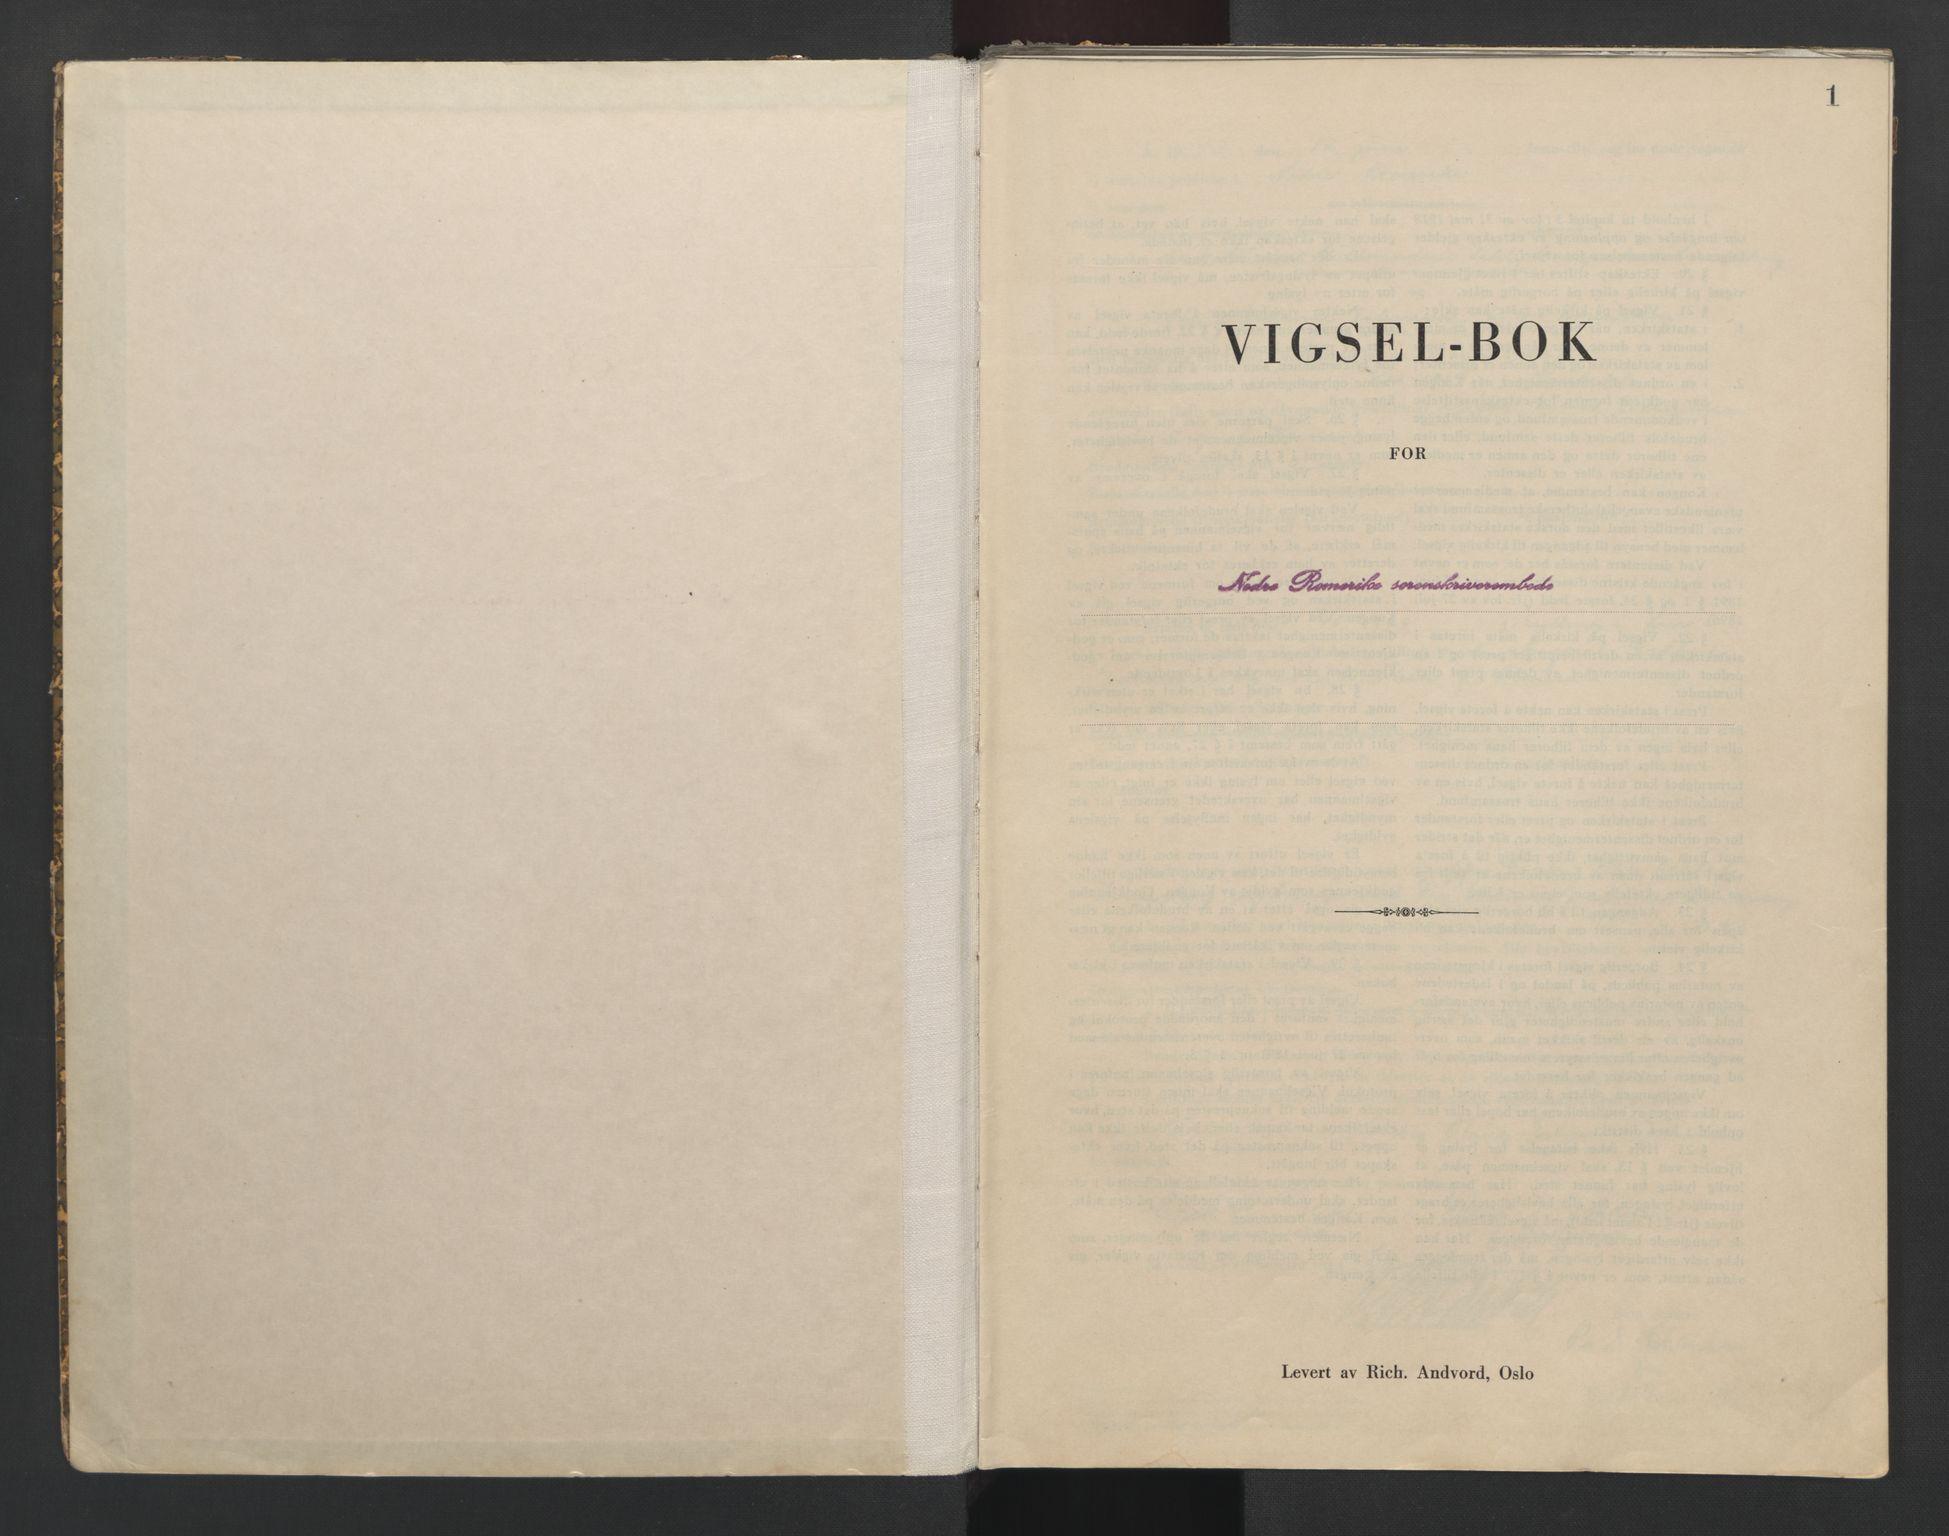 SAO, Nedre Romerike sorenskriveri, L/Lb/L0004: Vigselsbok - borgerlige vielser, 1943-1944, s. 1